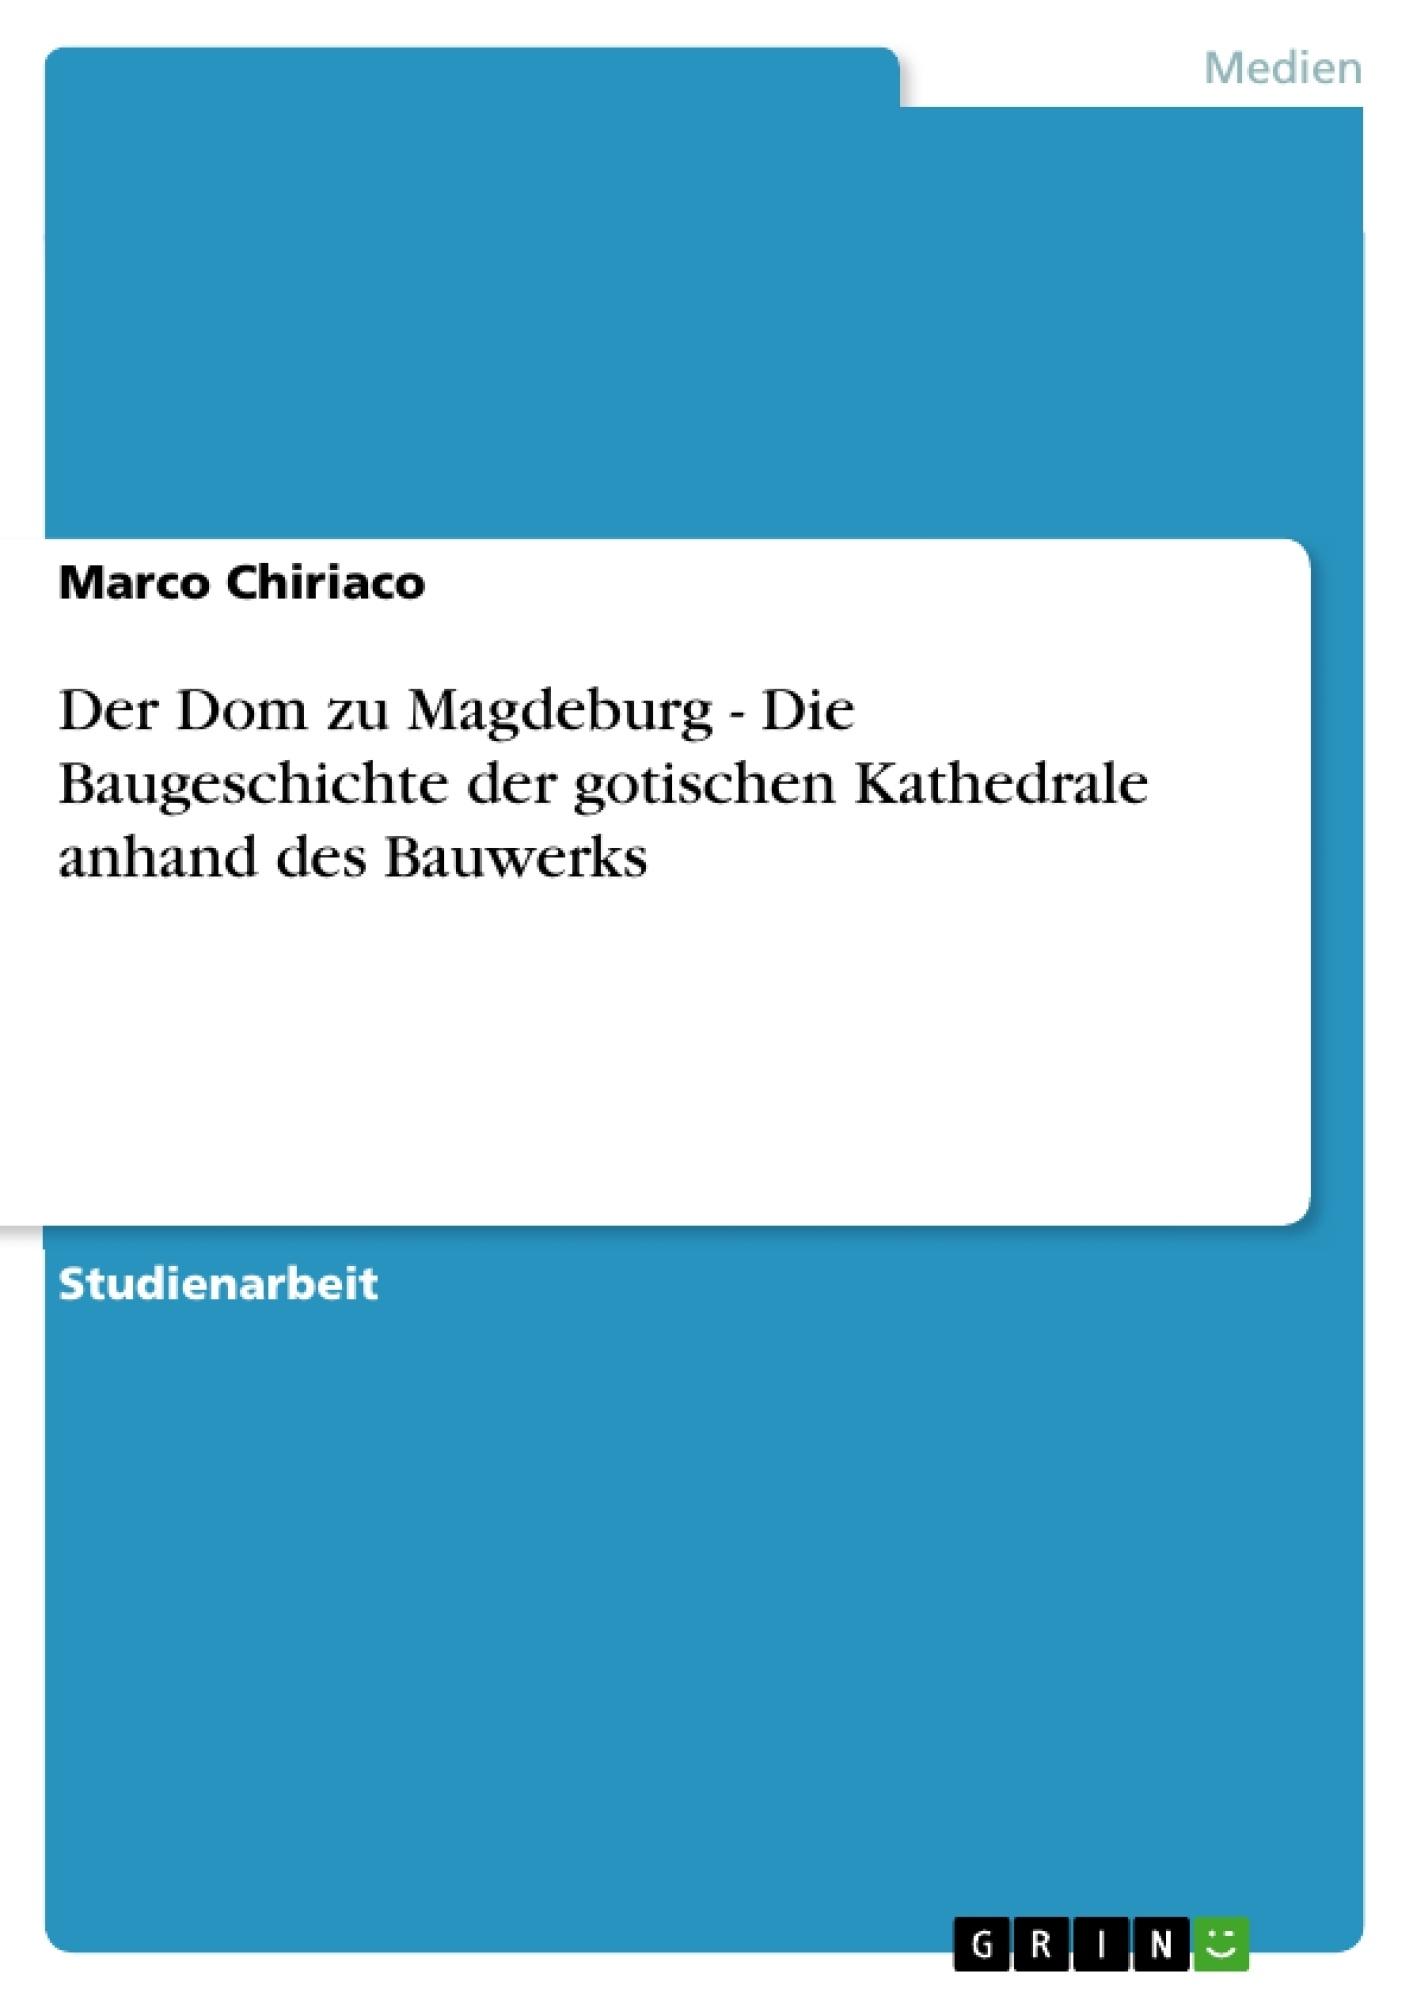 Titel: Der Dom zu Magdeburg - Die Baugeschichte der gotischen Kathedrale anhand des Bauwerks